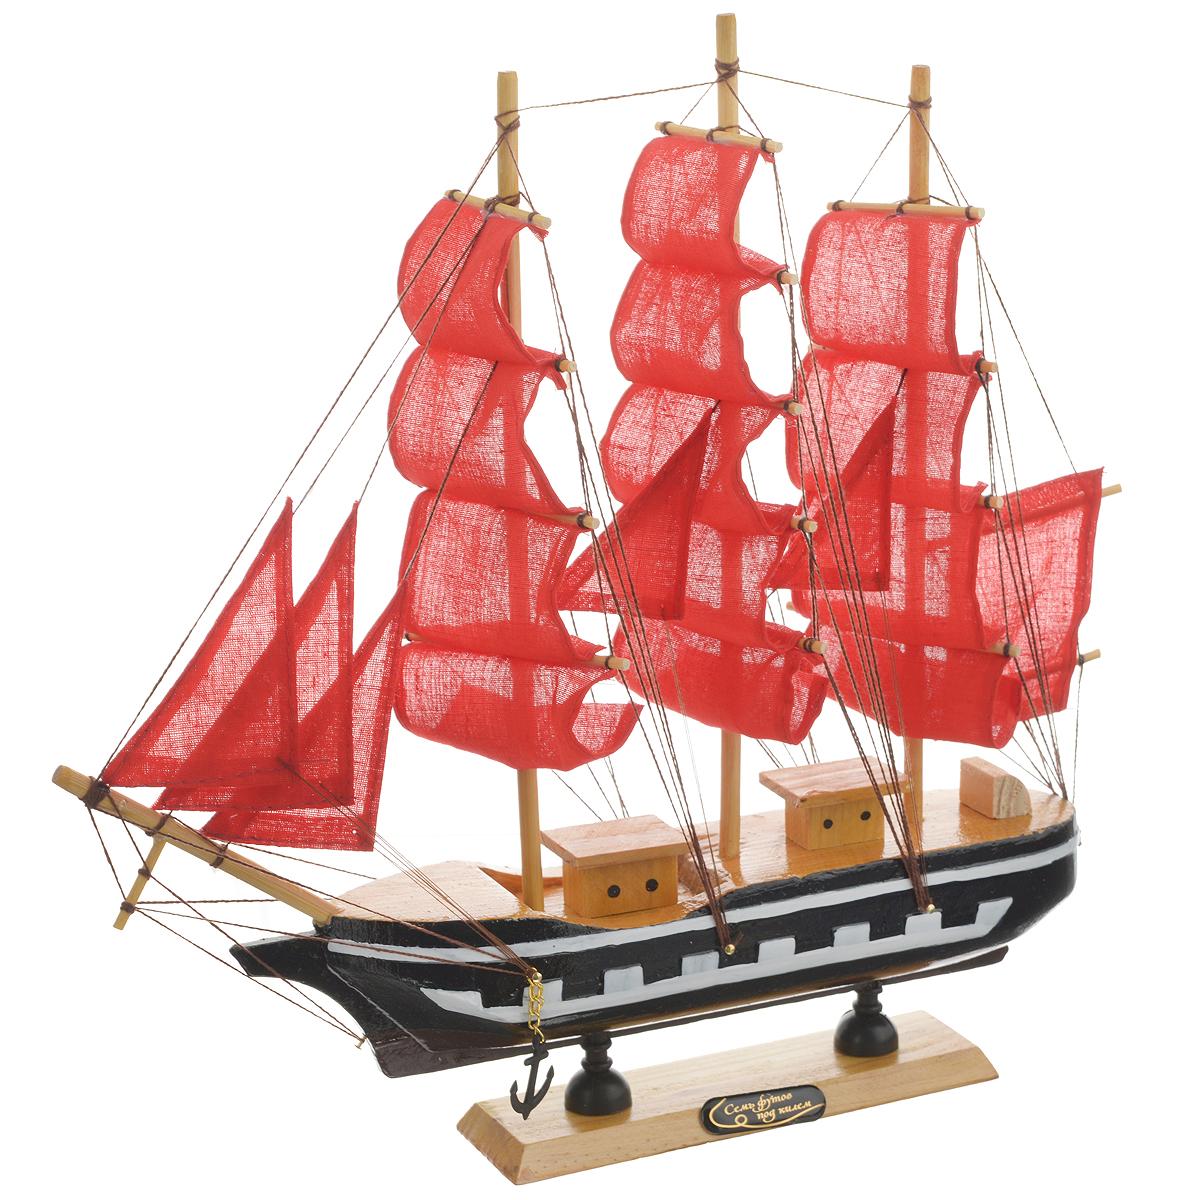 Корабль сувенирный Семь футов под килем, длина 32 см. 452035452035Сувенирный корабль Семь футов под килем, изготовленный из дерева и текстиля, это великолепный элемент декора рабочей зоны в офисе или кабинете. Корабль с парусами и якорями помещен на деревянную подставку. Время идет, и мы становимся свидетелями развития технического прогресса, новых учений и практик. Но одно не подвластно времени - это любовь человека к морю и кораблям. Сувенирный корабль наполнен историей и силой океанских вод. Данная модель кораблика станет отличным подарком для всех любителей морей, поклонников историй о покорении океанов и неизведанных земель. Модель корабля - подарок со смыслом. Издавна на Руси считалось, что корабли приносят удачу и везение. Поэтому их изображения, фигурки и точные копии всегда присутствовали в помещениях. Удивите себя и своих близких необычным презентом.